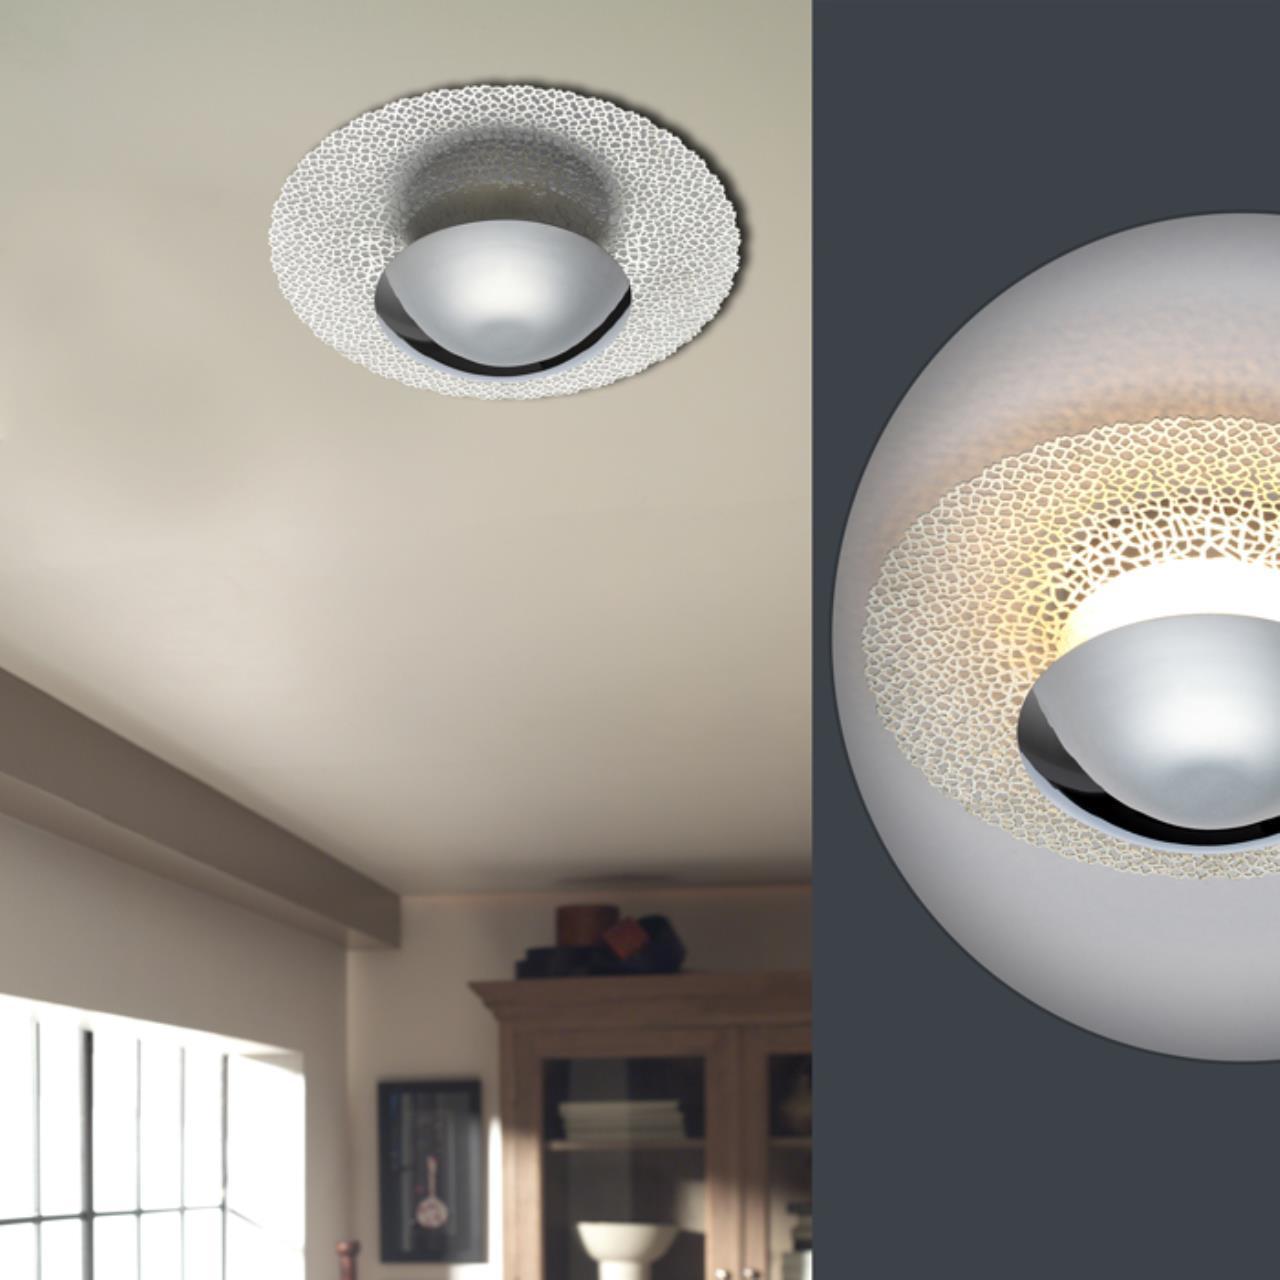 Настенный светодиодный светильник Odeon Light Hightech Lunario 3560/18L, LED 18W 3000K 1008lm, хром, металл - фото 3